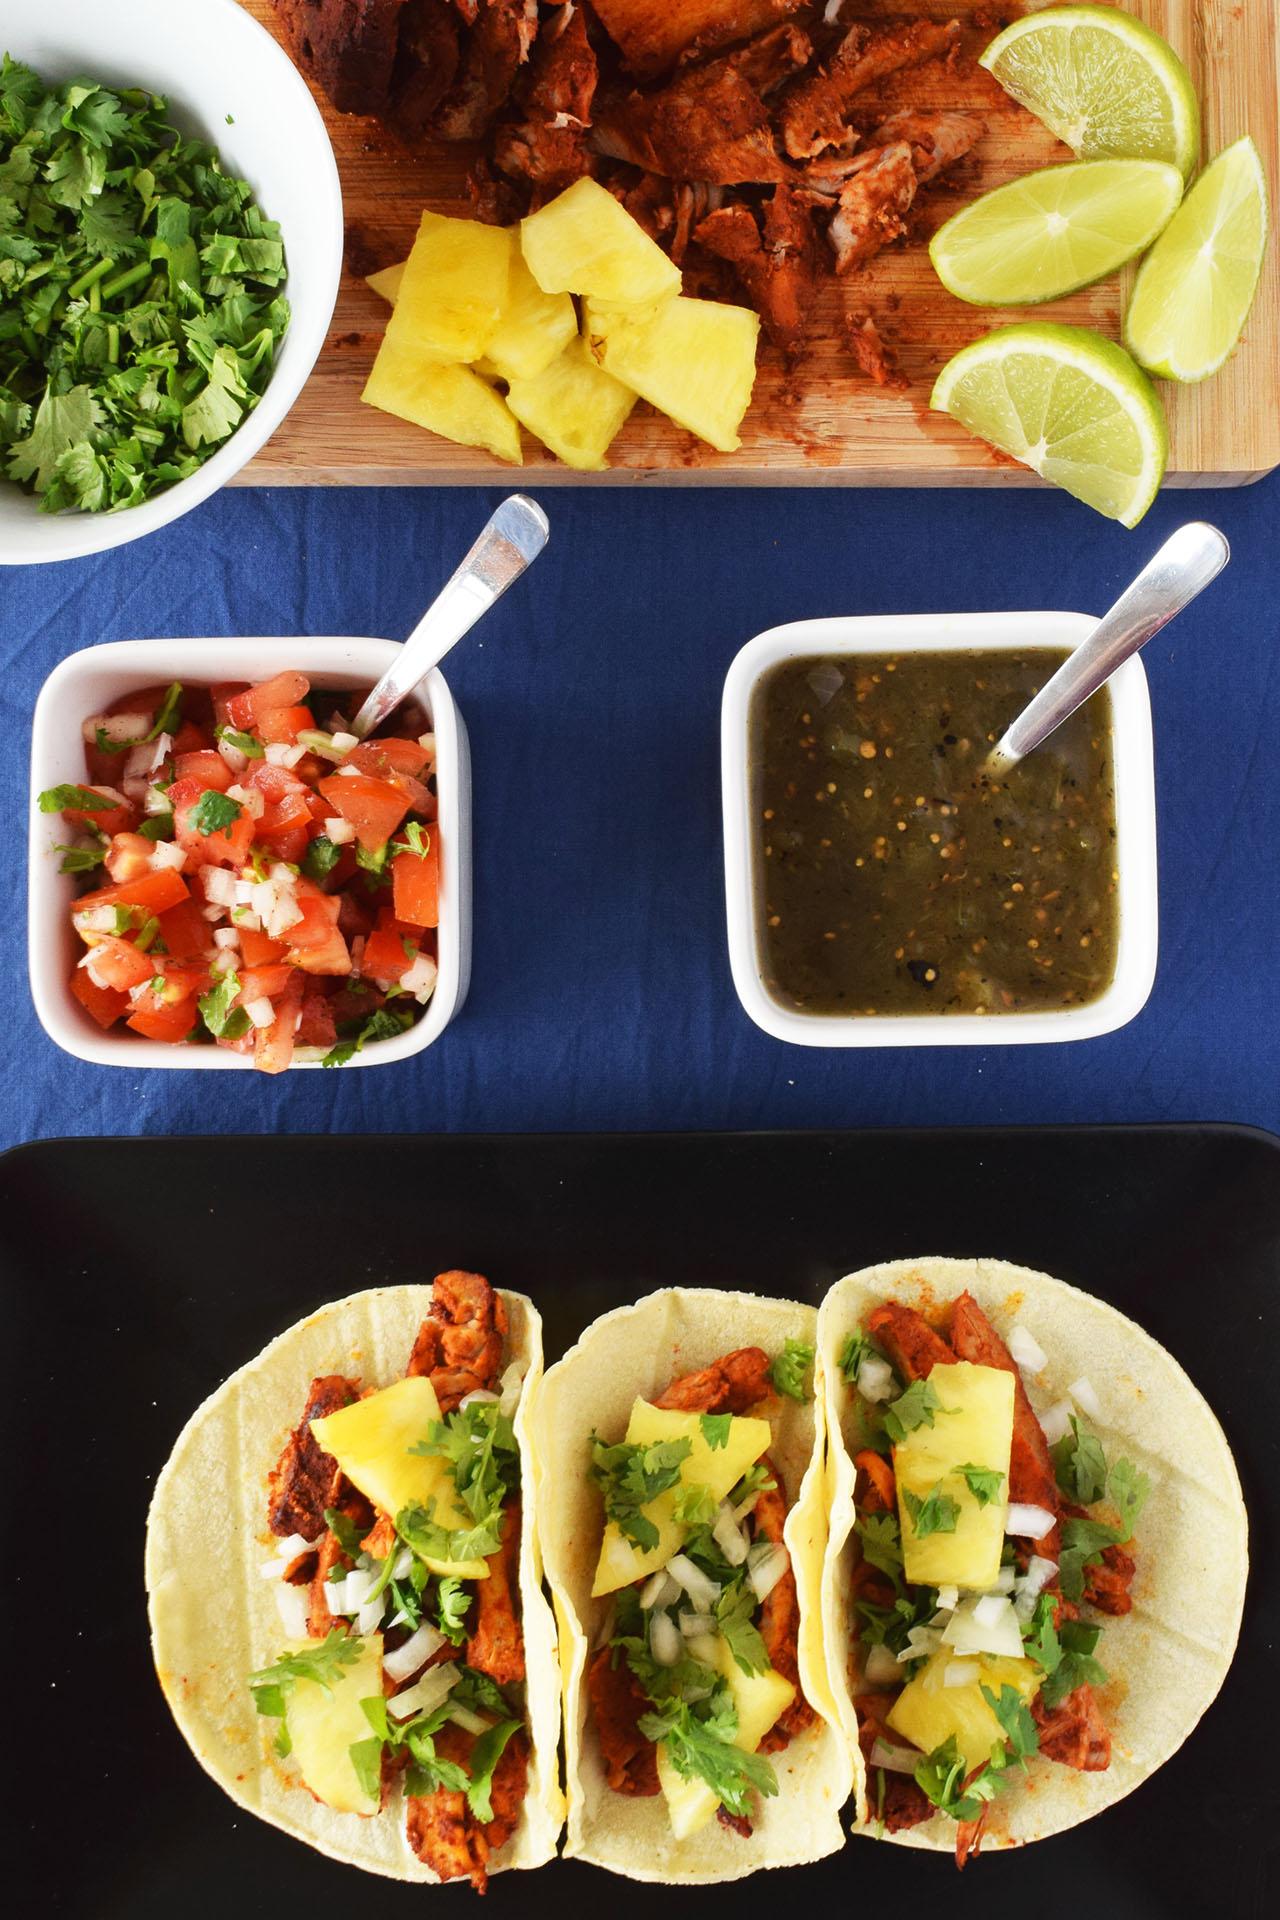 Receta de tacos al pastor receta mexicana recetas abc for Ingredientes para comida